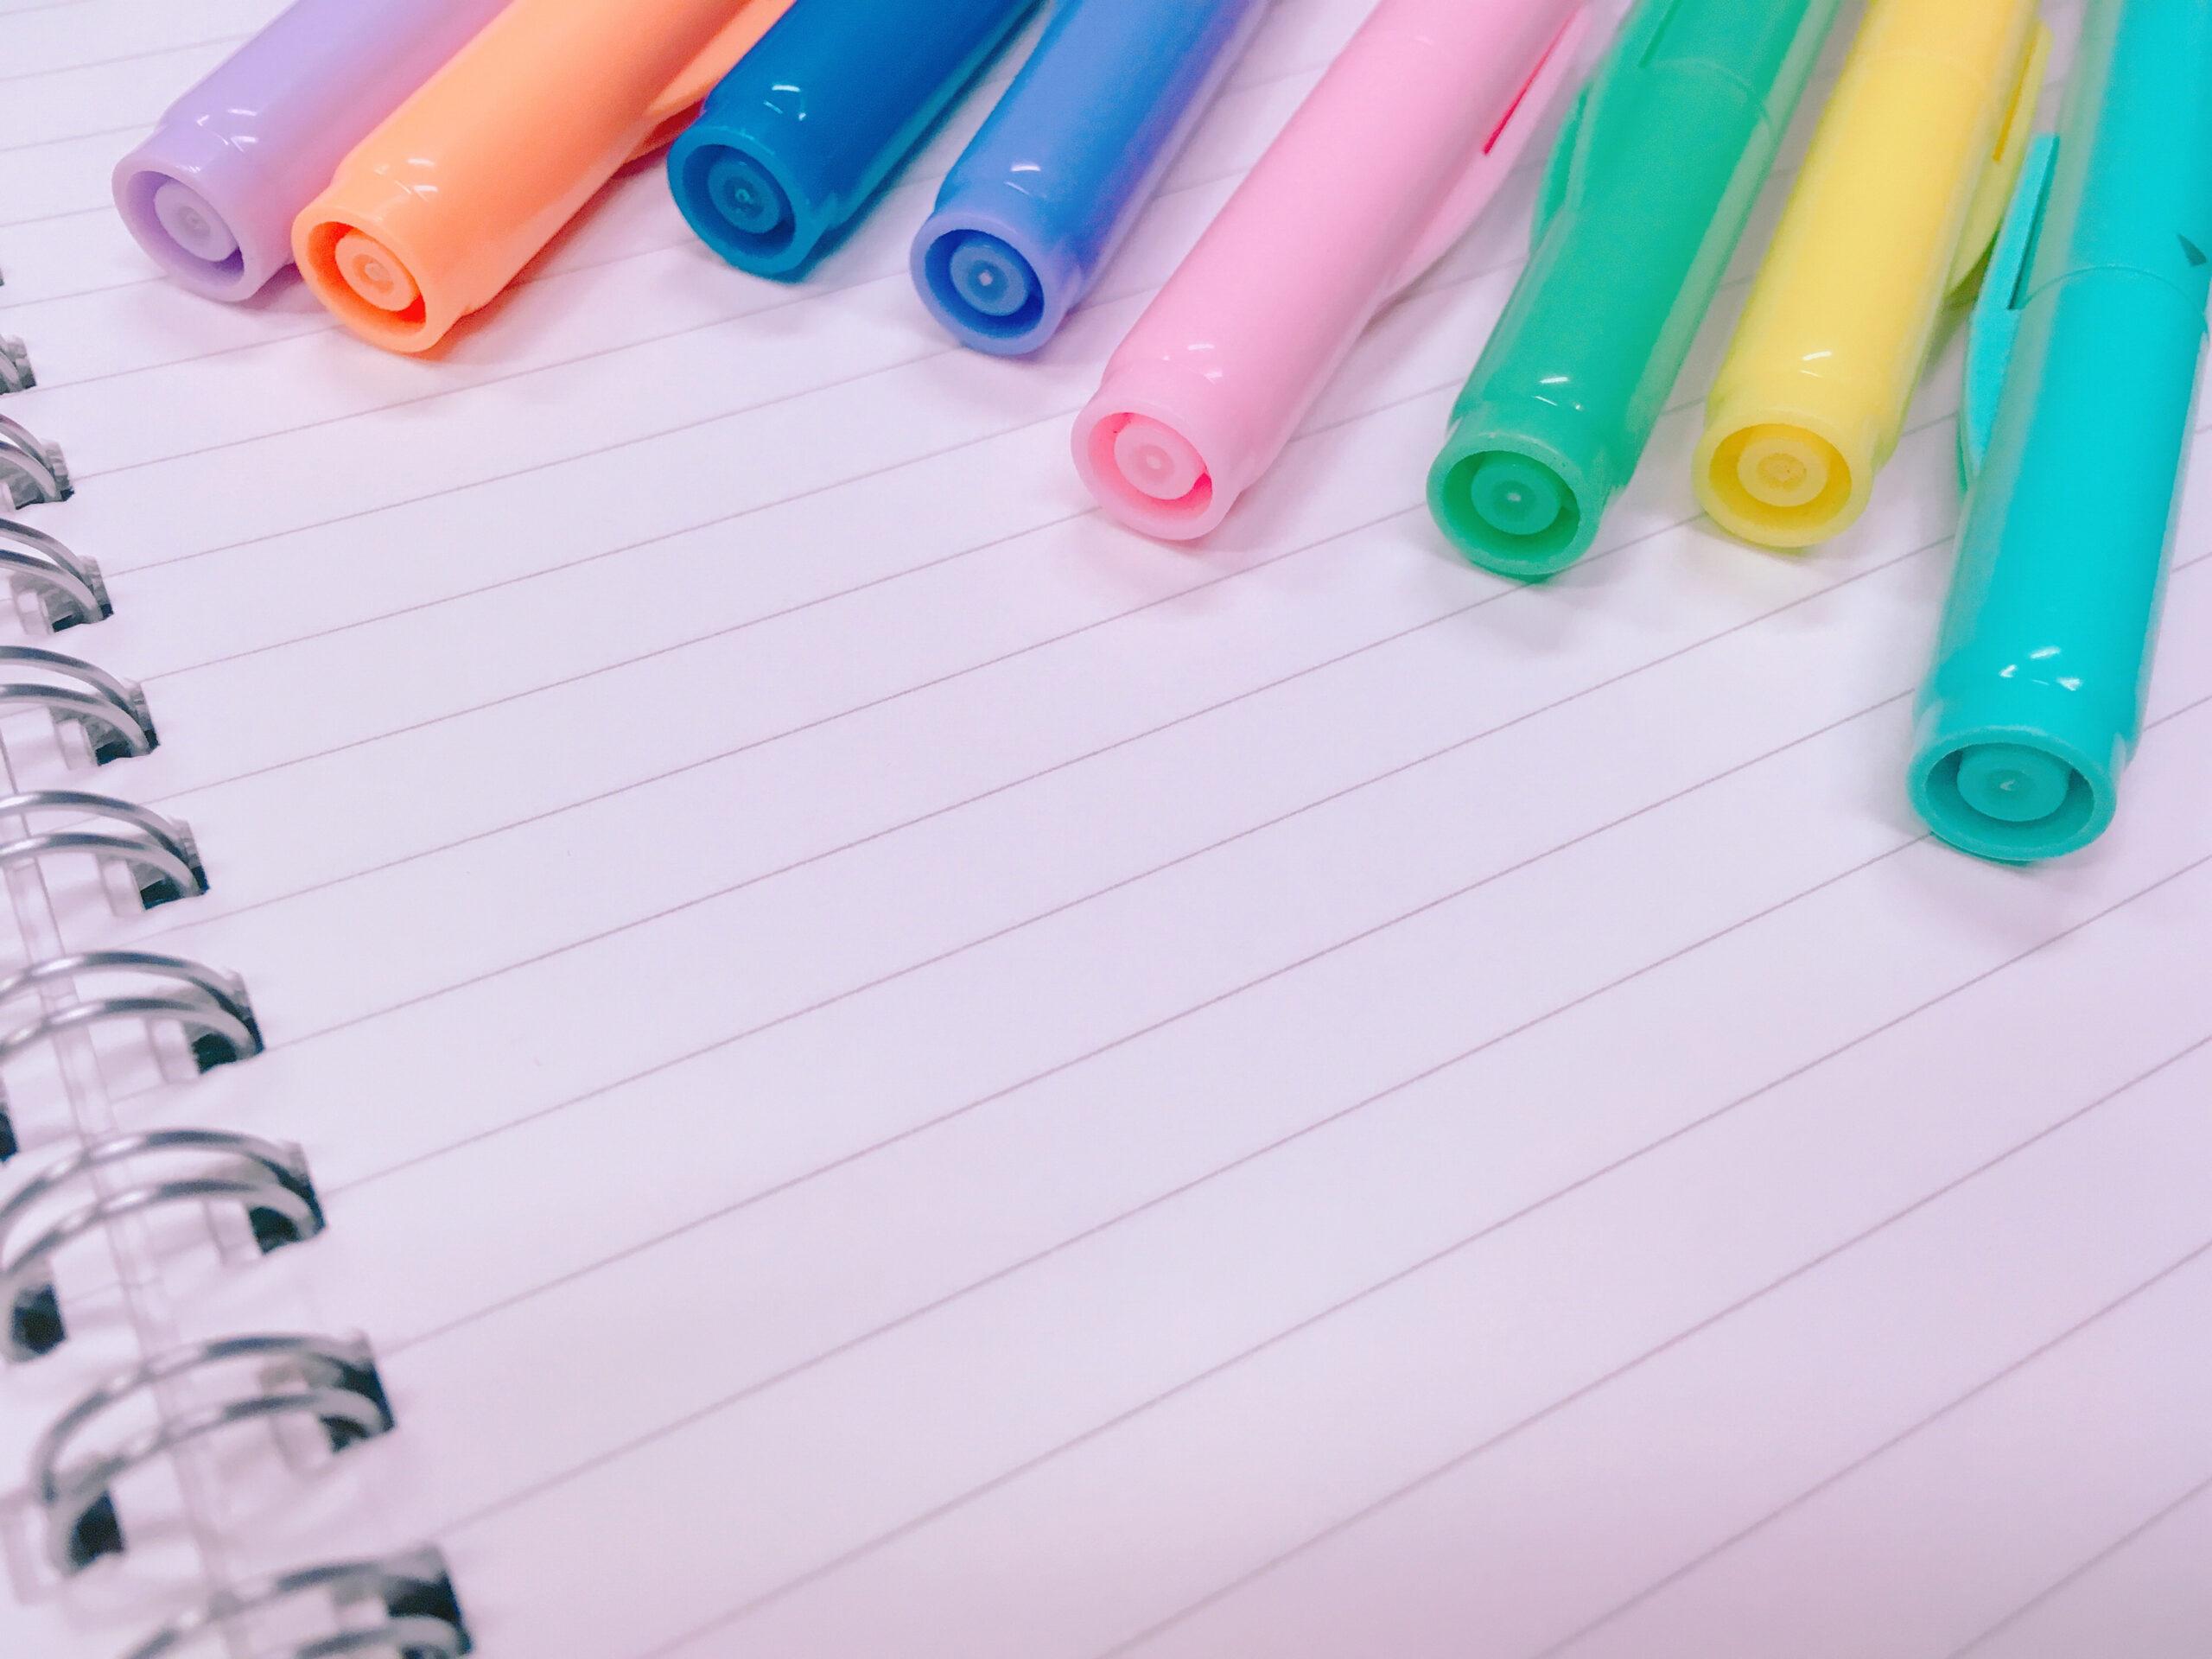 まずはペンの種類を把握しよう